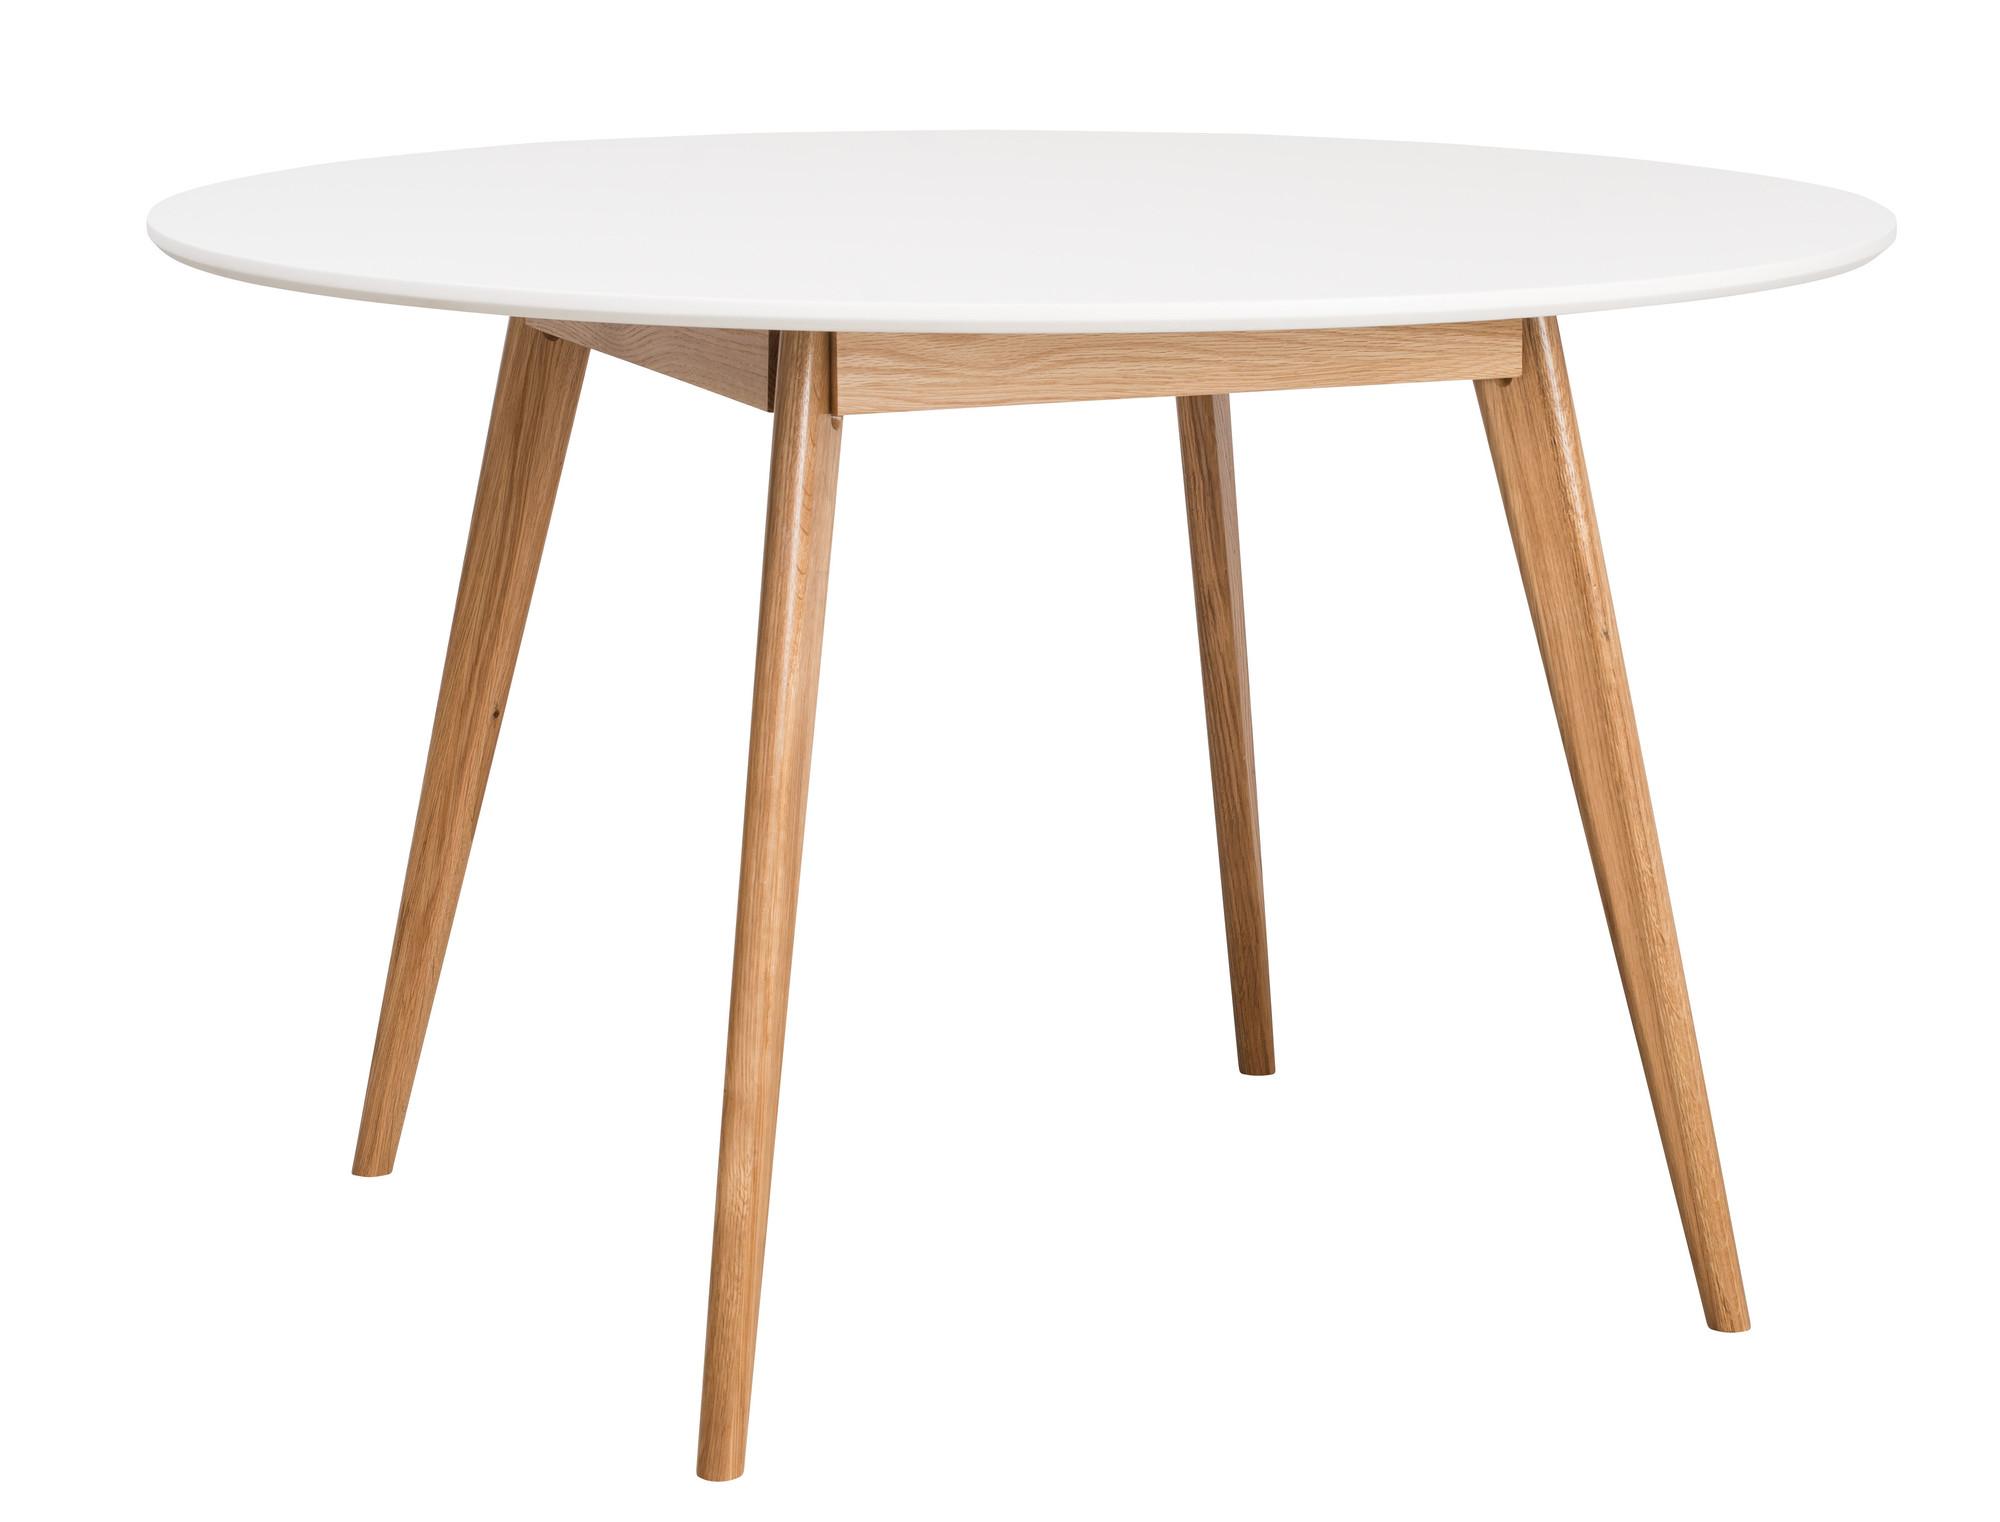 NEW Oslo Round Dining Table eBay : 1 from www.ebay.com.au size 2000 x 1522 jpeg 200kB